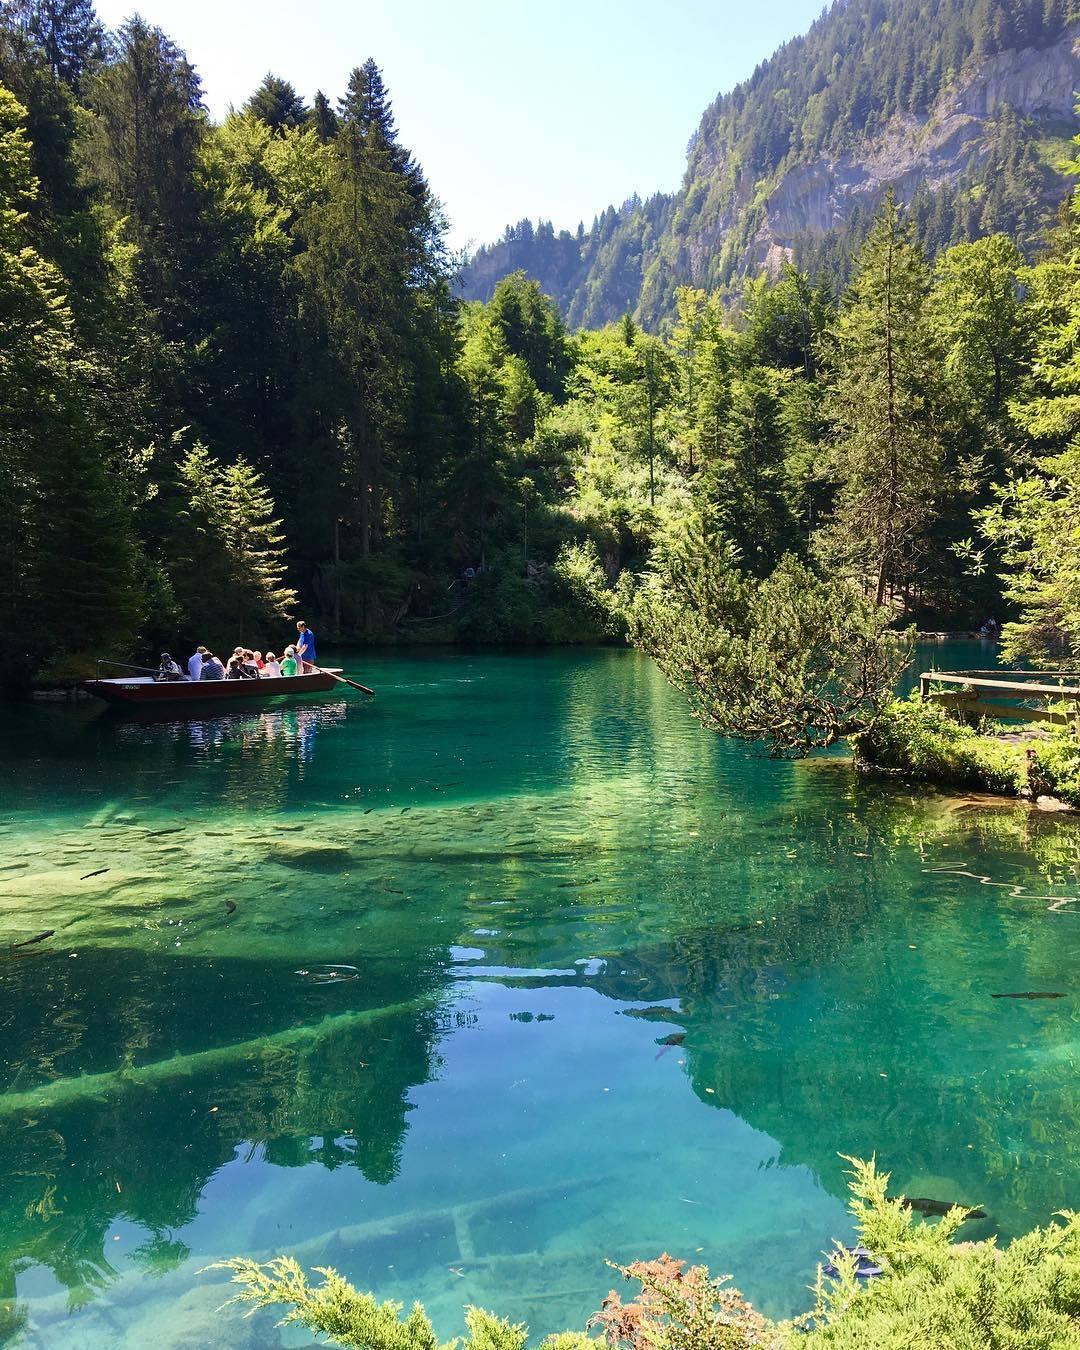 البحيرة الزرقاء انترلاكن - السياحة في انترلاكن